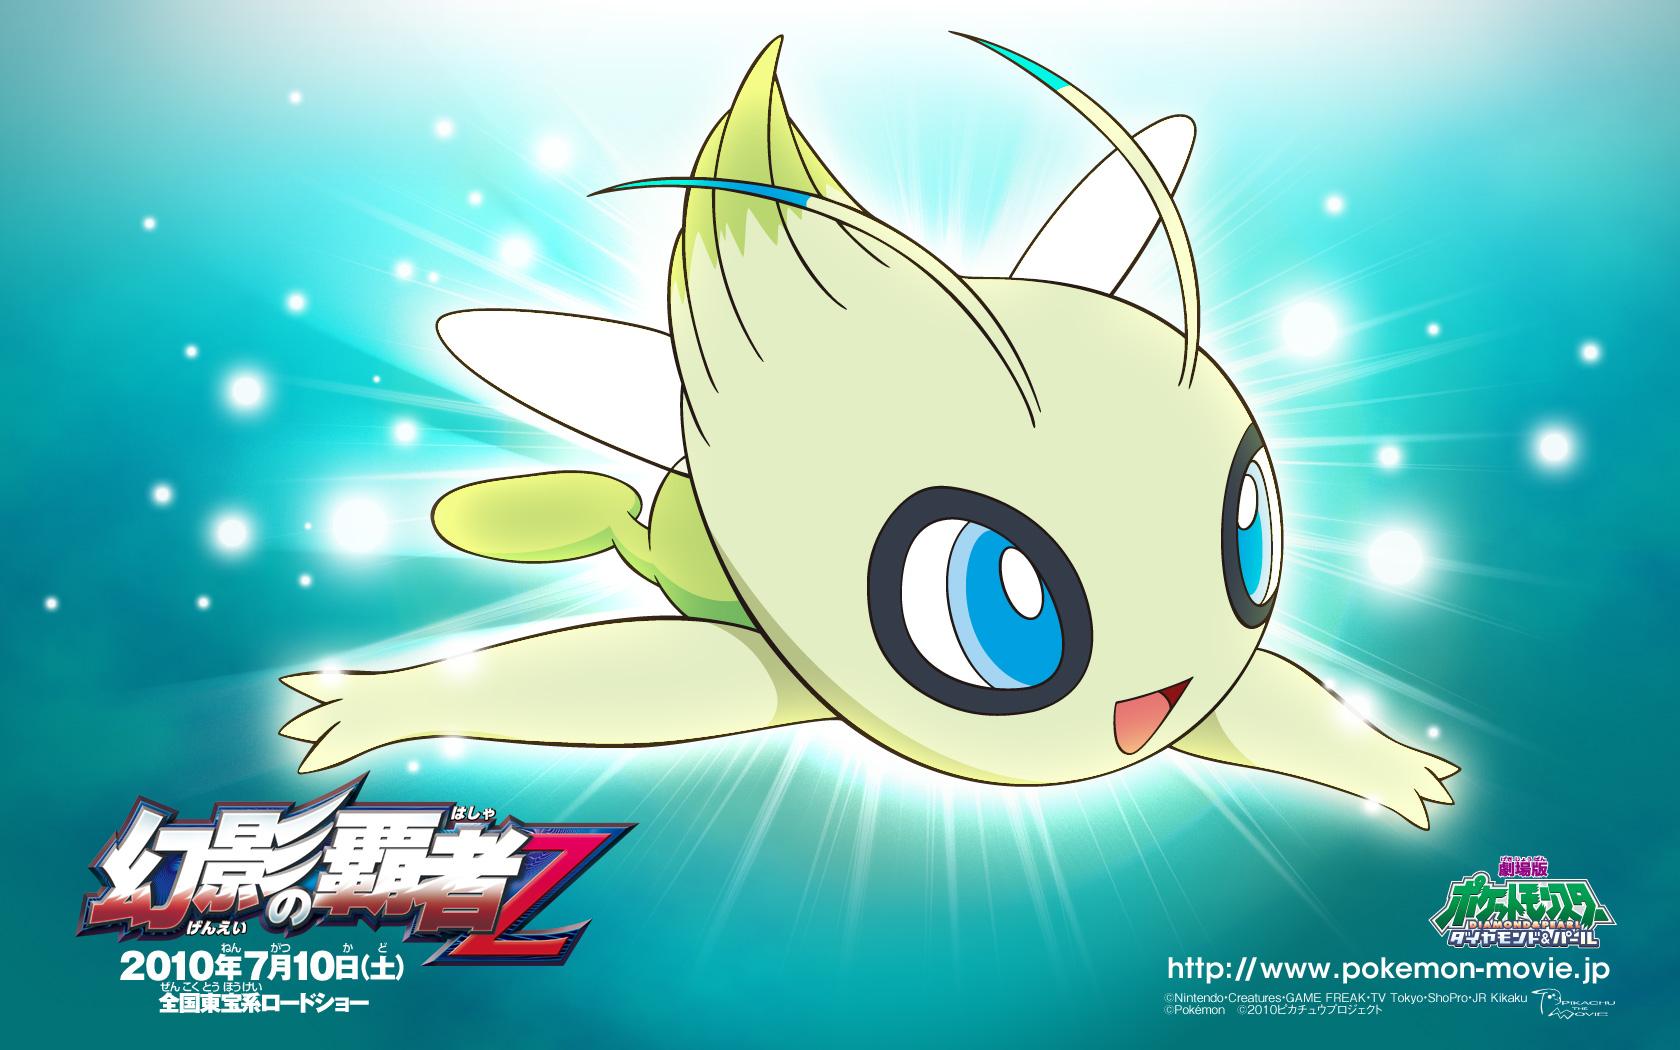 Pokemon DS - New 12605671510023